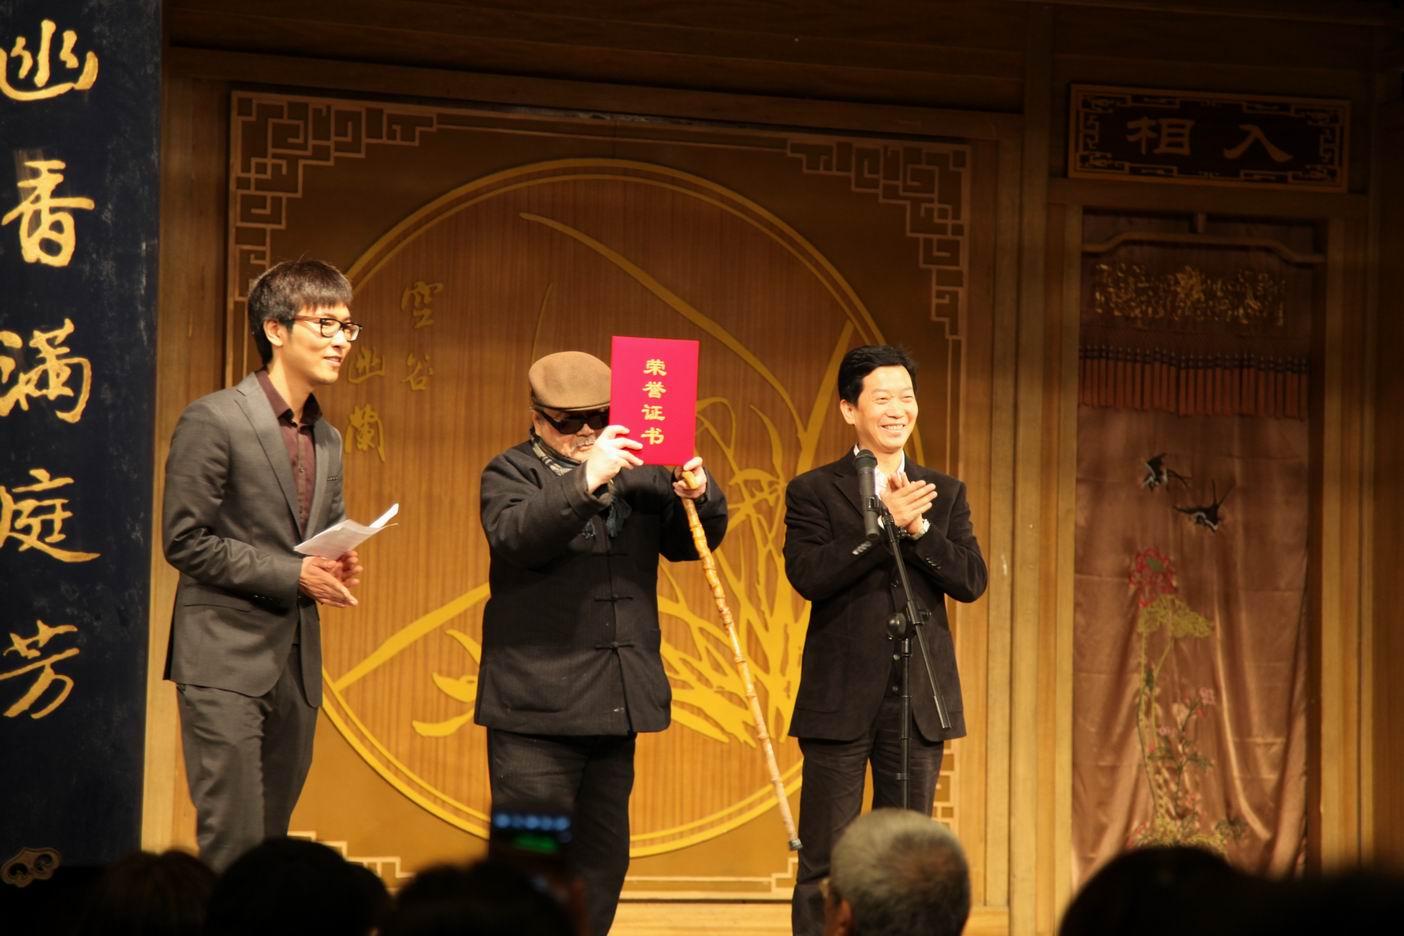 用竖笛吹欢乐颂的谱子-200多名观众观看了演出   用笔老到